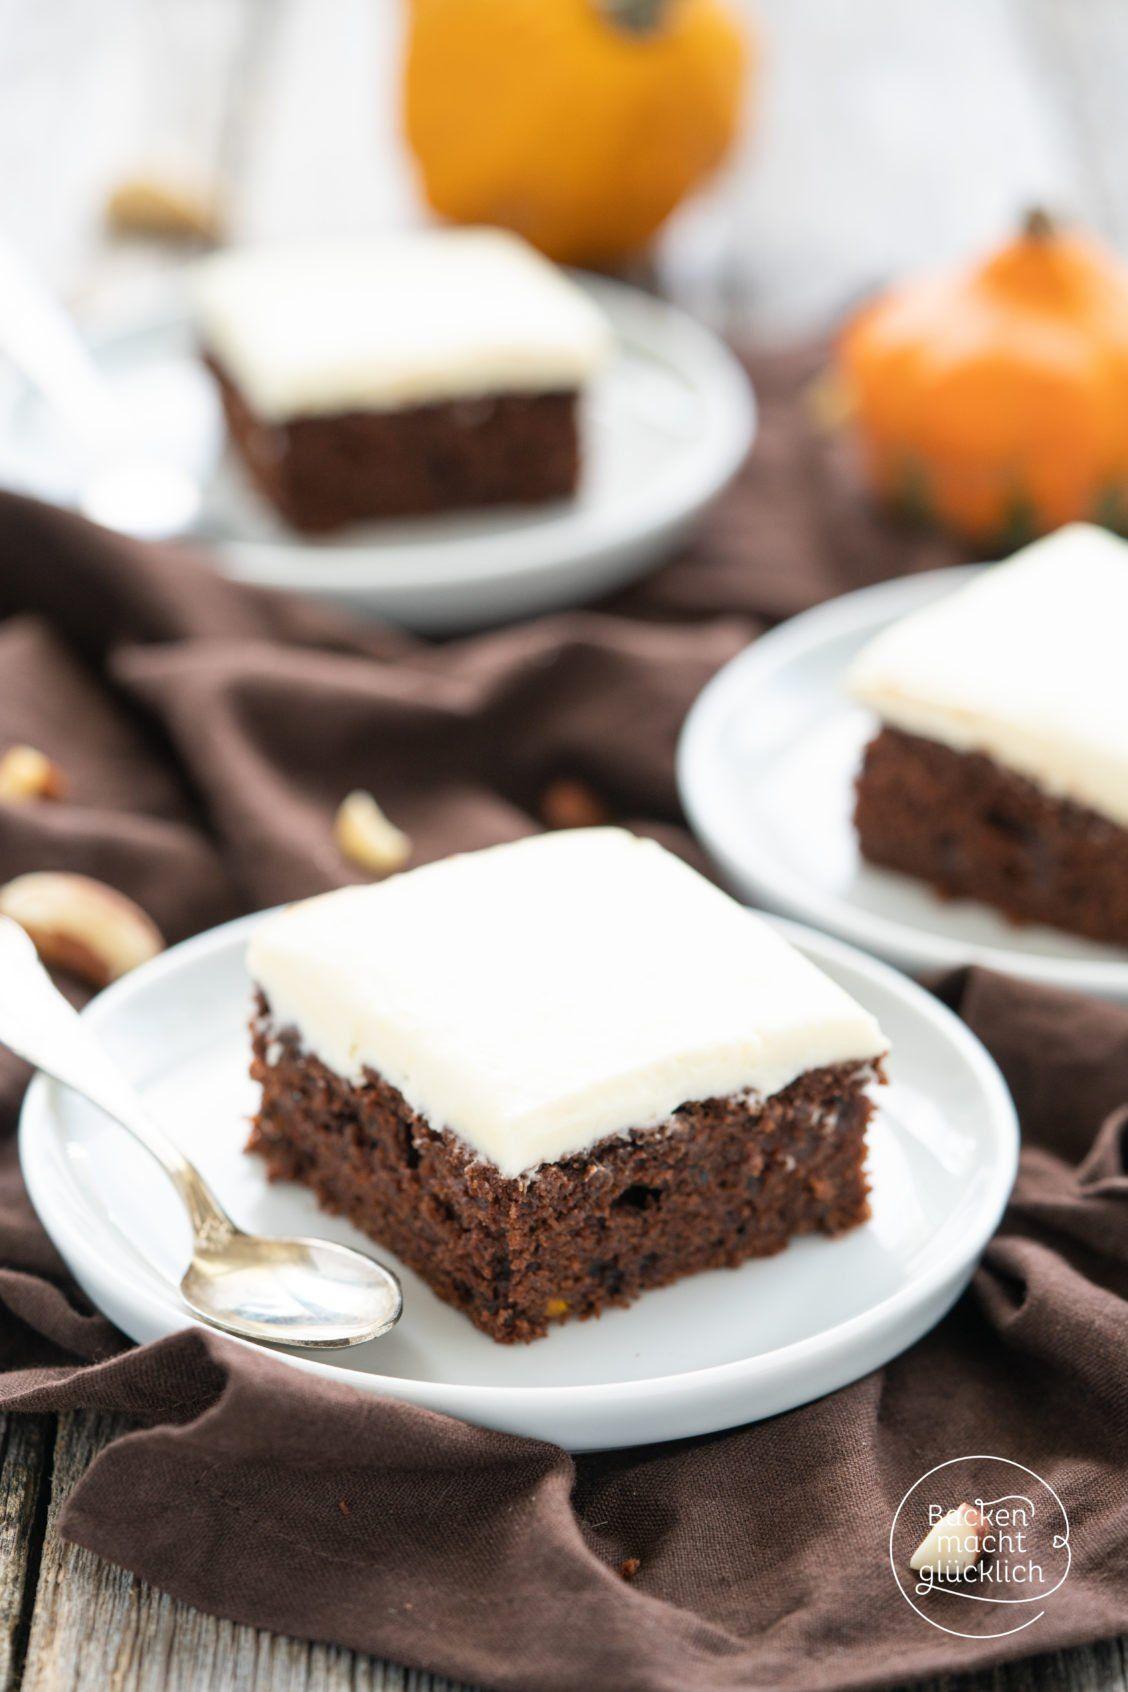 Saftiger Kurbis Schoko Kuchen Backen Macht Glucklich Rezept Kuchen Ohne Backen Kurbiskuchen Rezepte Kuchen Und Torten